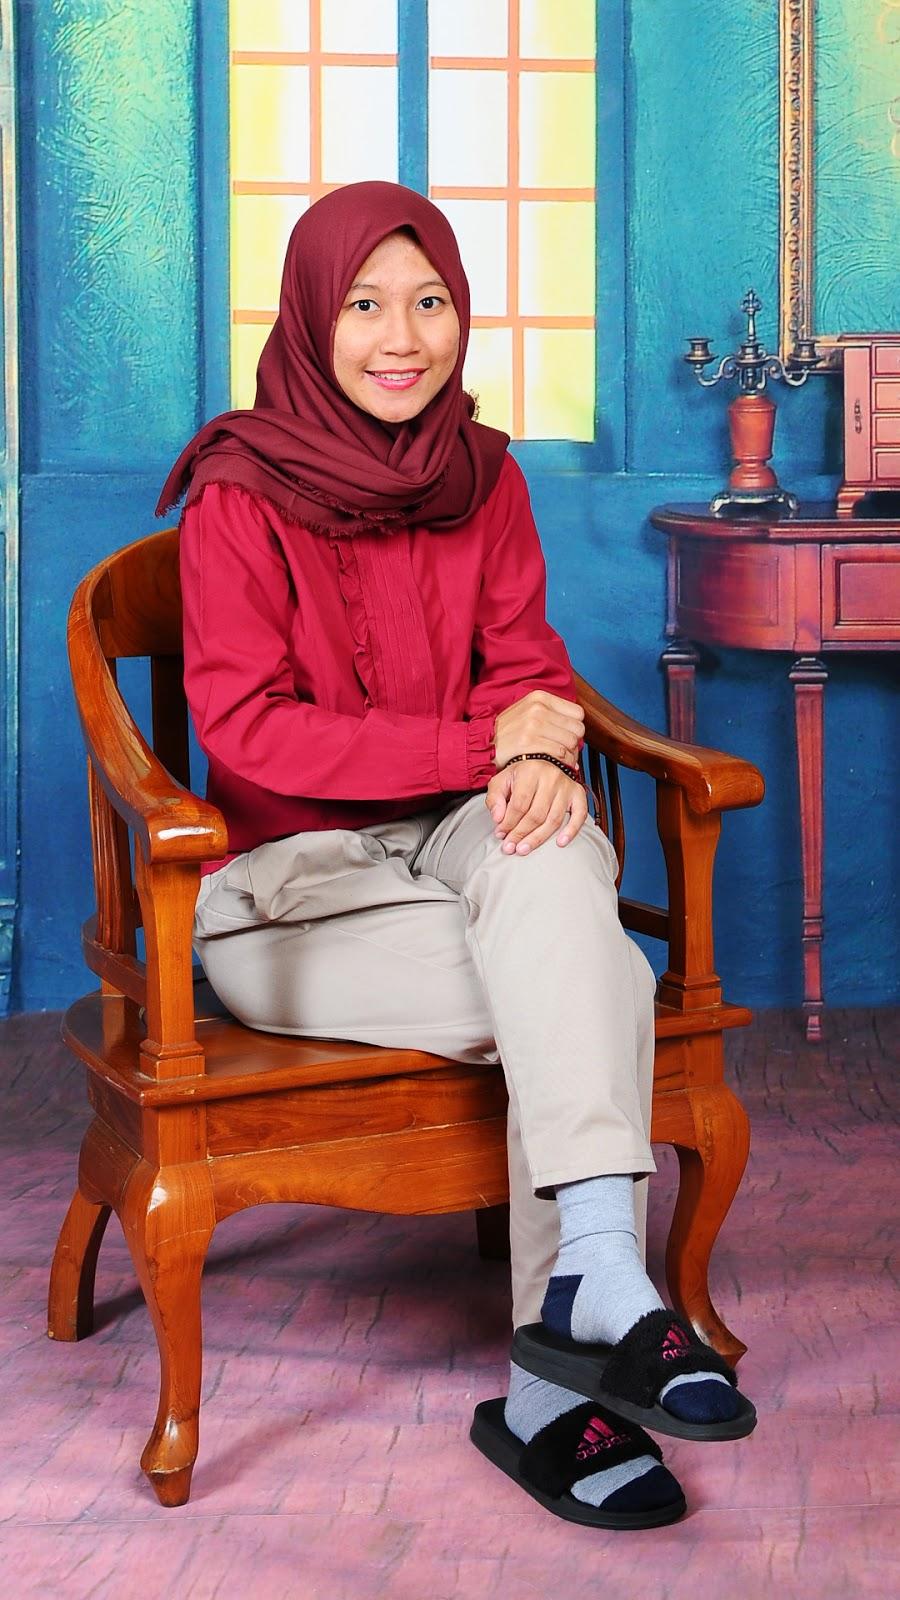 cewek manis wallpaper muslimah cantik hijab